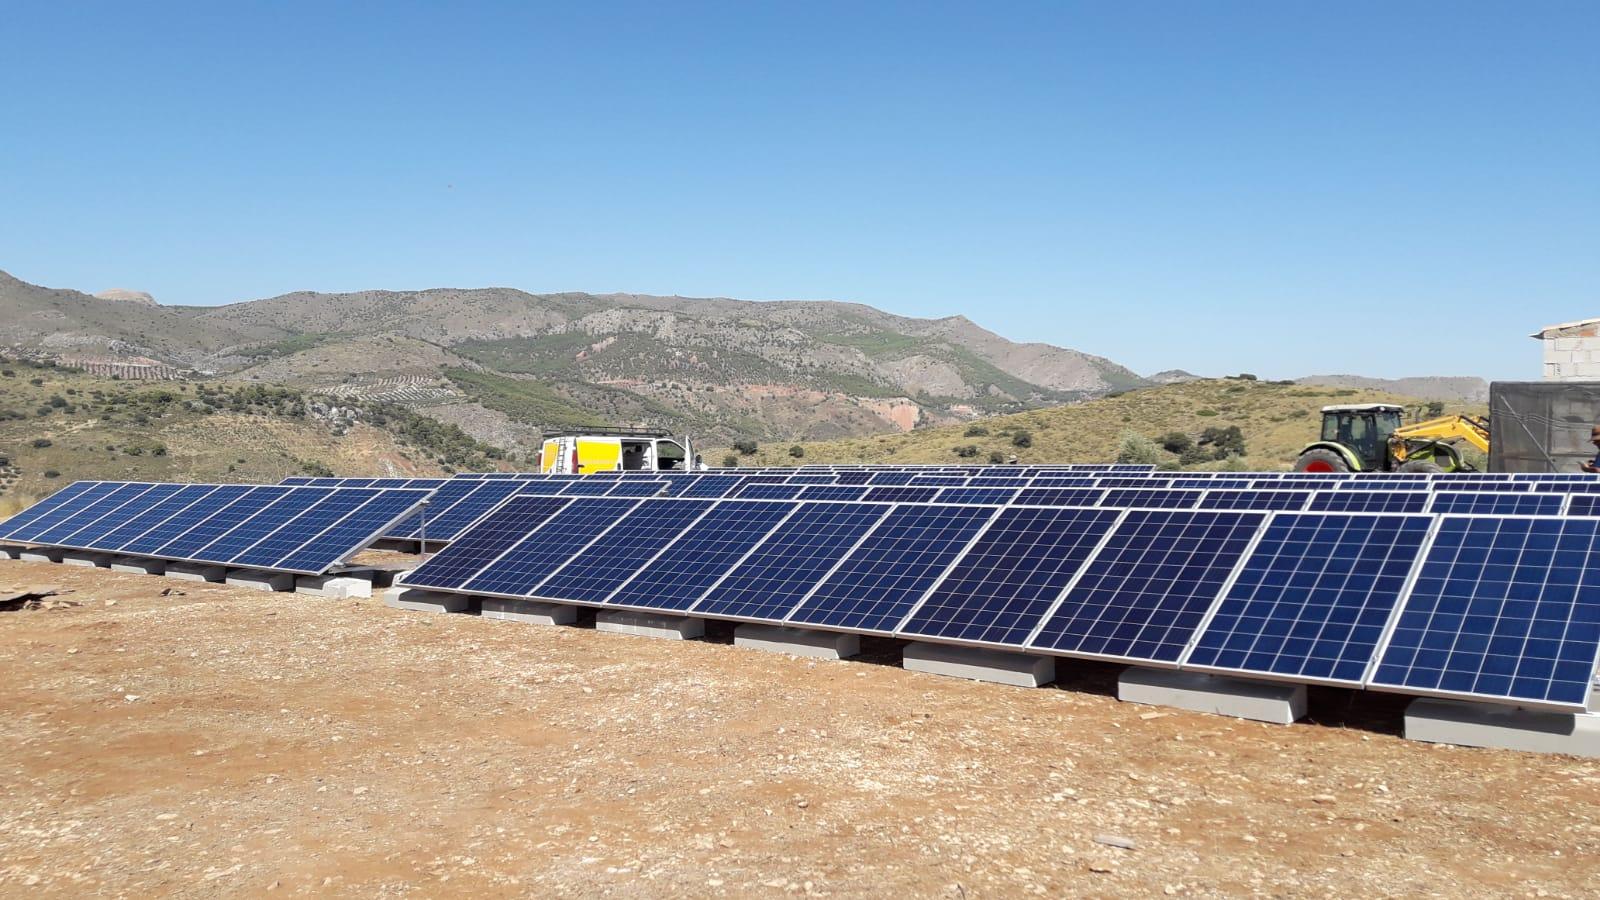 Autoconsumo para bombeo Agrícola de 28kWp en Finca de Cabra del Santo Cristo, Jaén